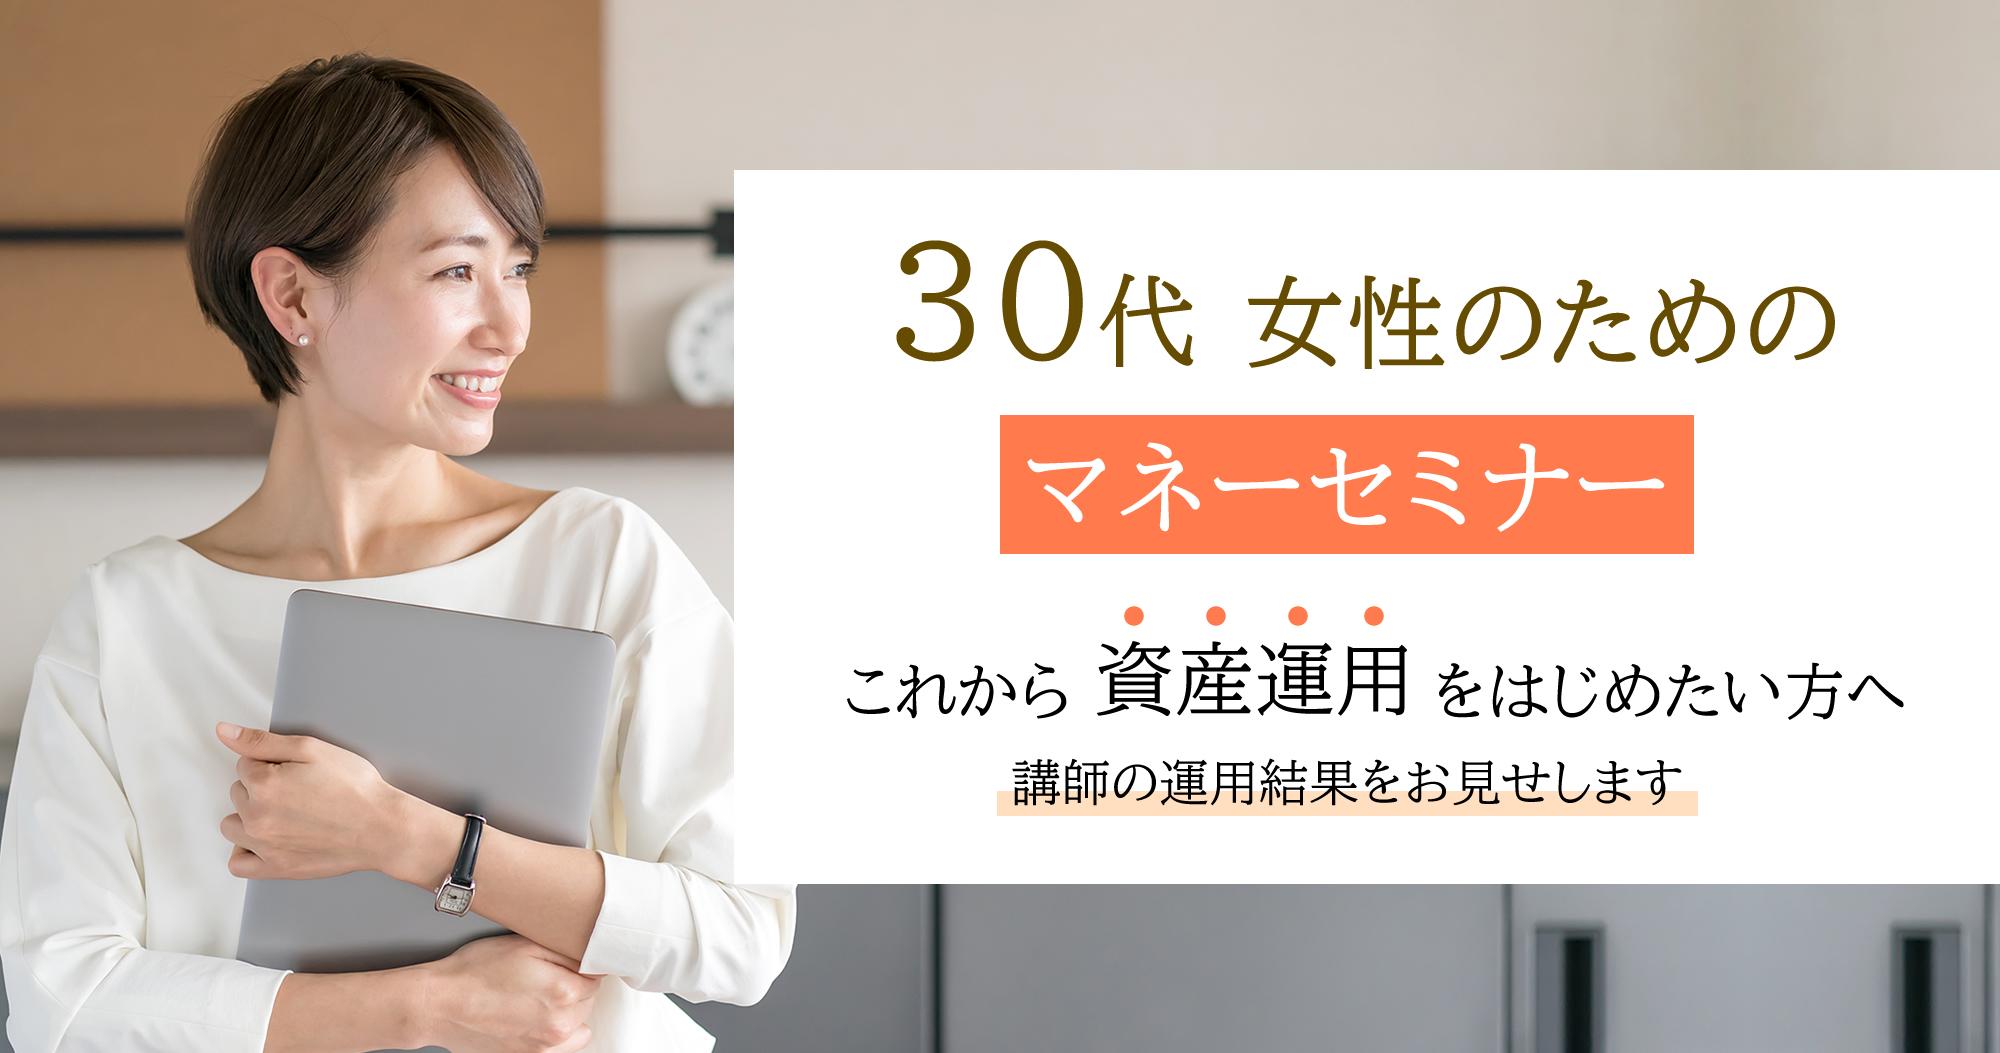 30代 女性のためのマネーセミナー ~これから資産運用をはじめたい方へ~